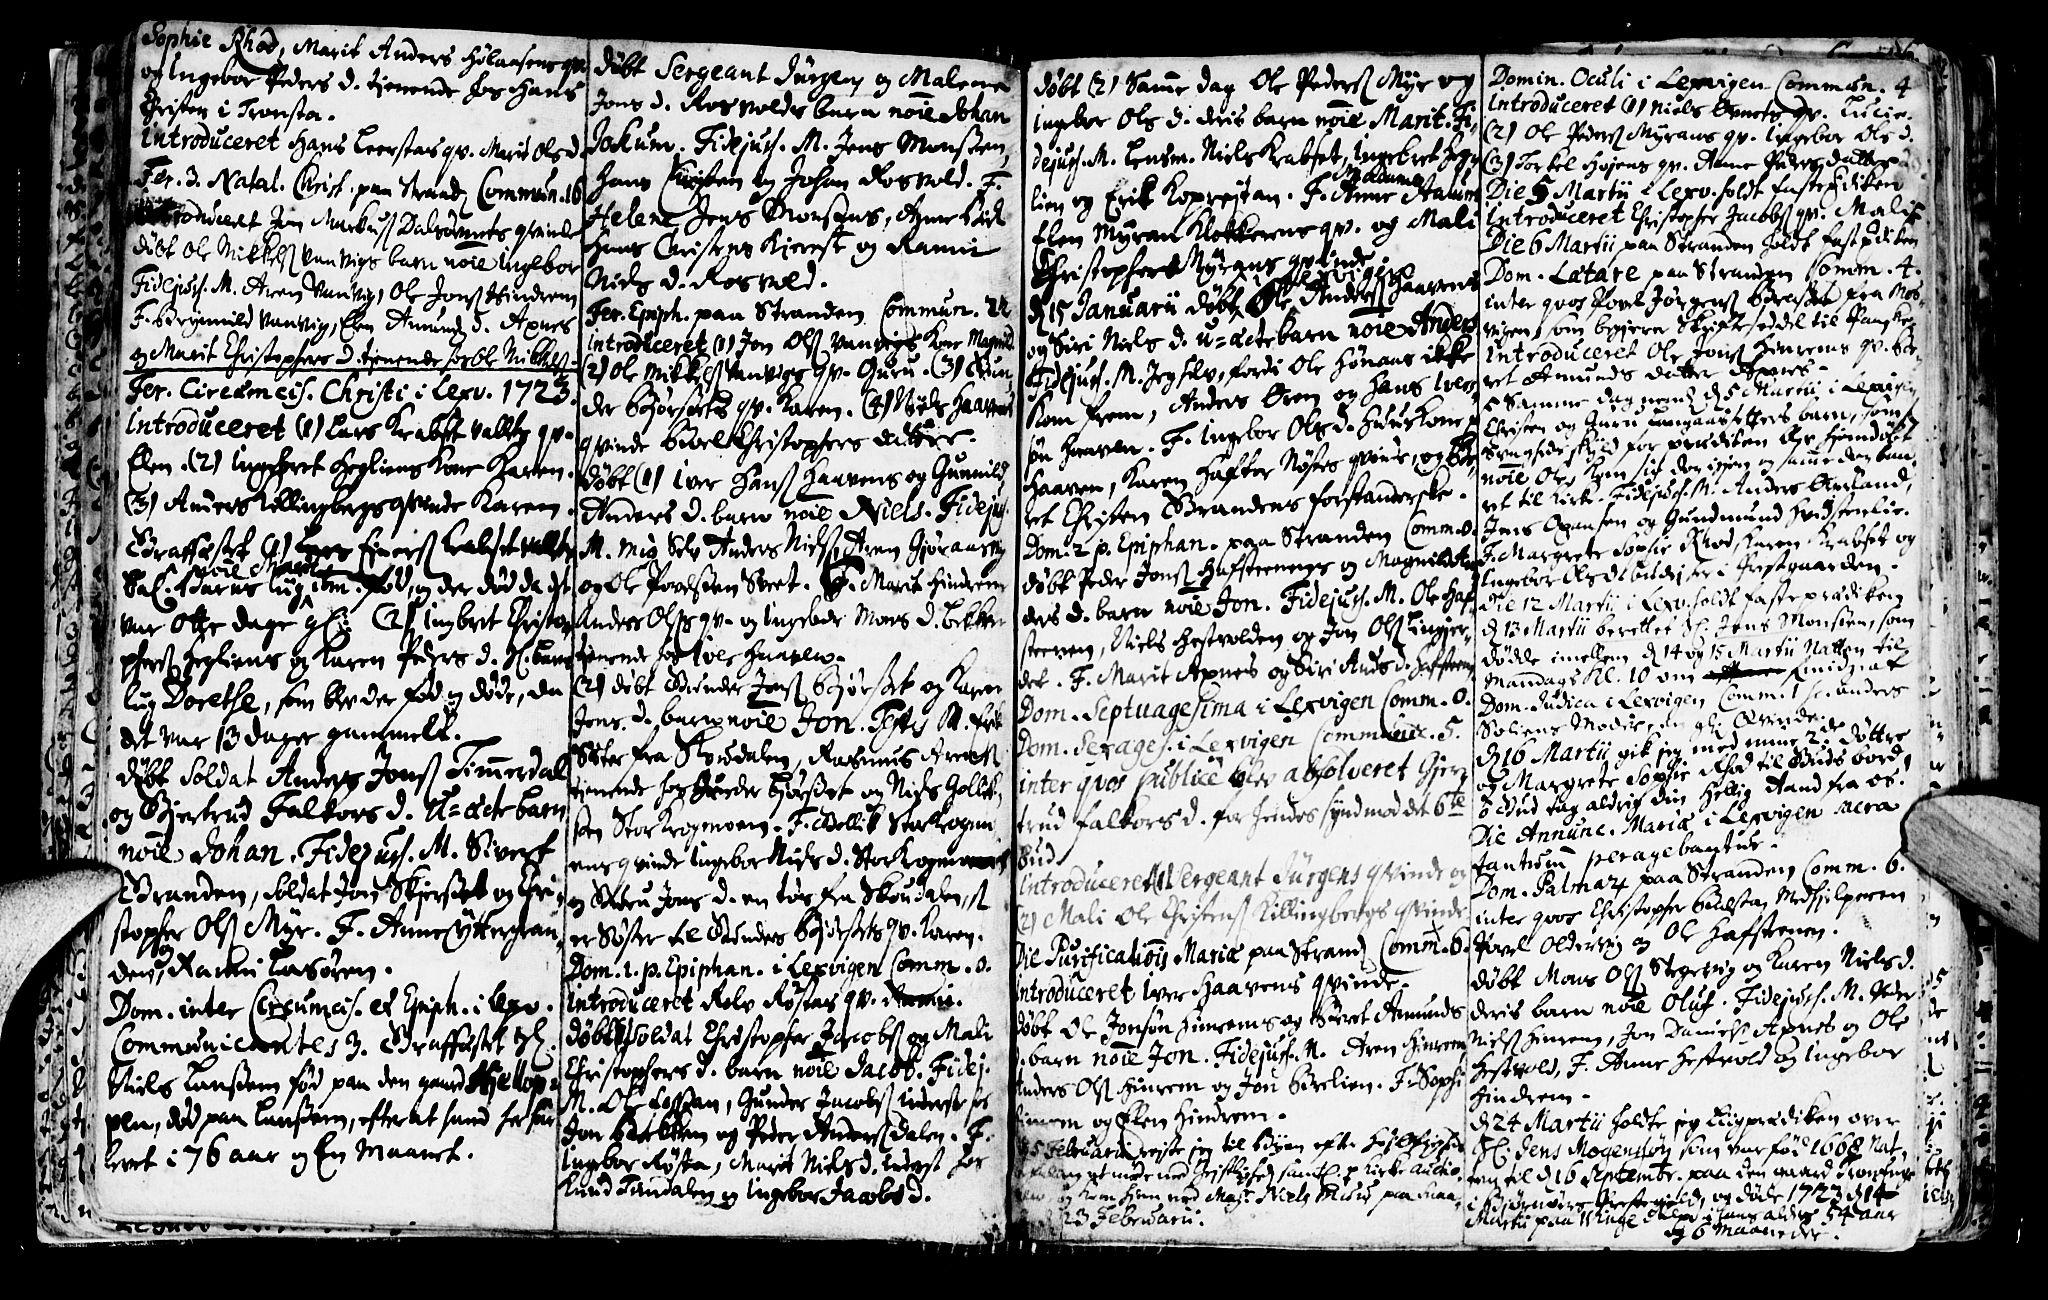 SAT, Ministerialprotokoller, klokkerbøker og fødselsregistre - Nord-Trøndelag, 701/L0001: Ministerialbok nr. 701A01, 1717-1731, s. 20